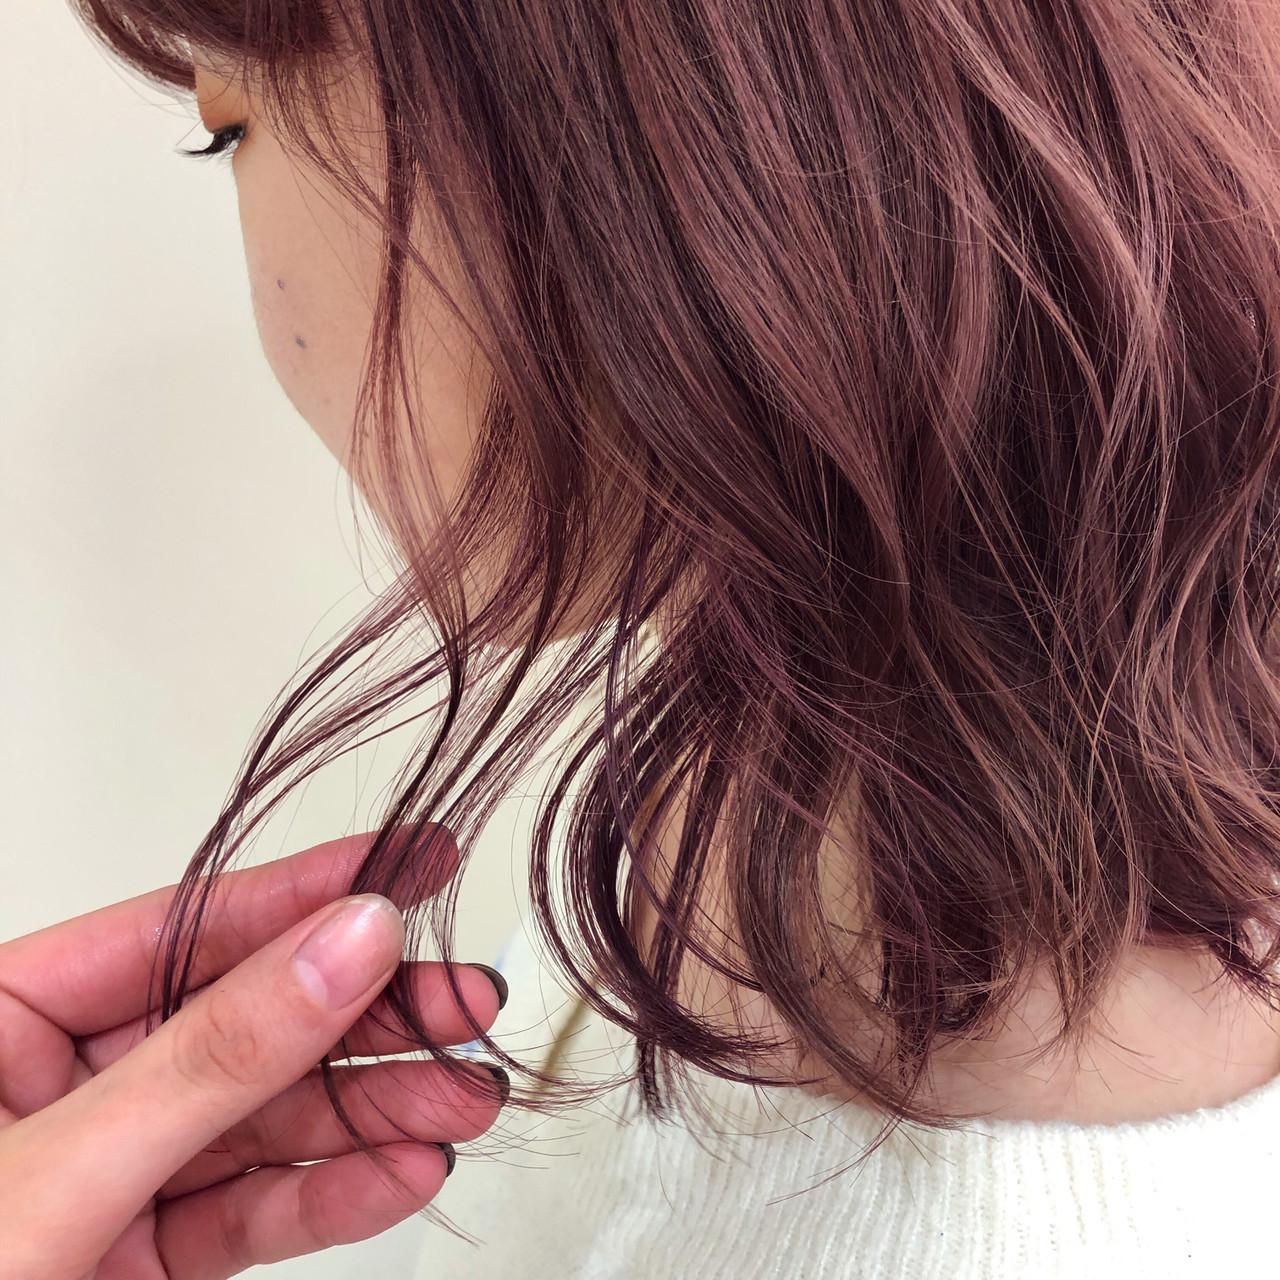 セミロング スタイリング ピンクブラウン 巻き髪ヘアスタイルや髪型の写真・画像